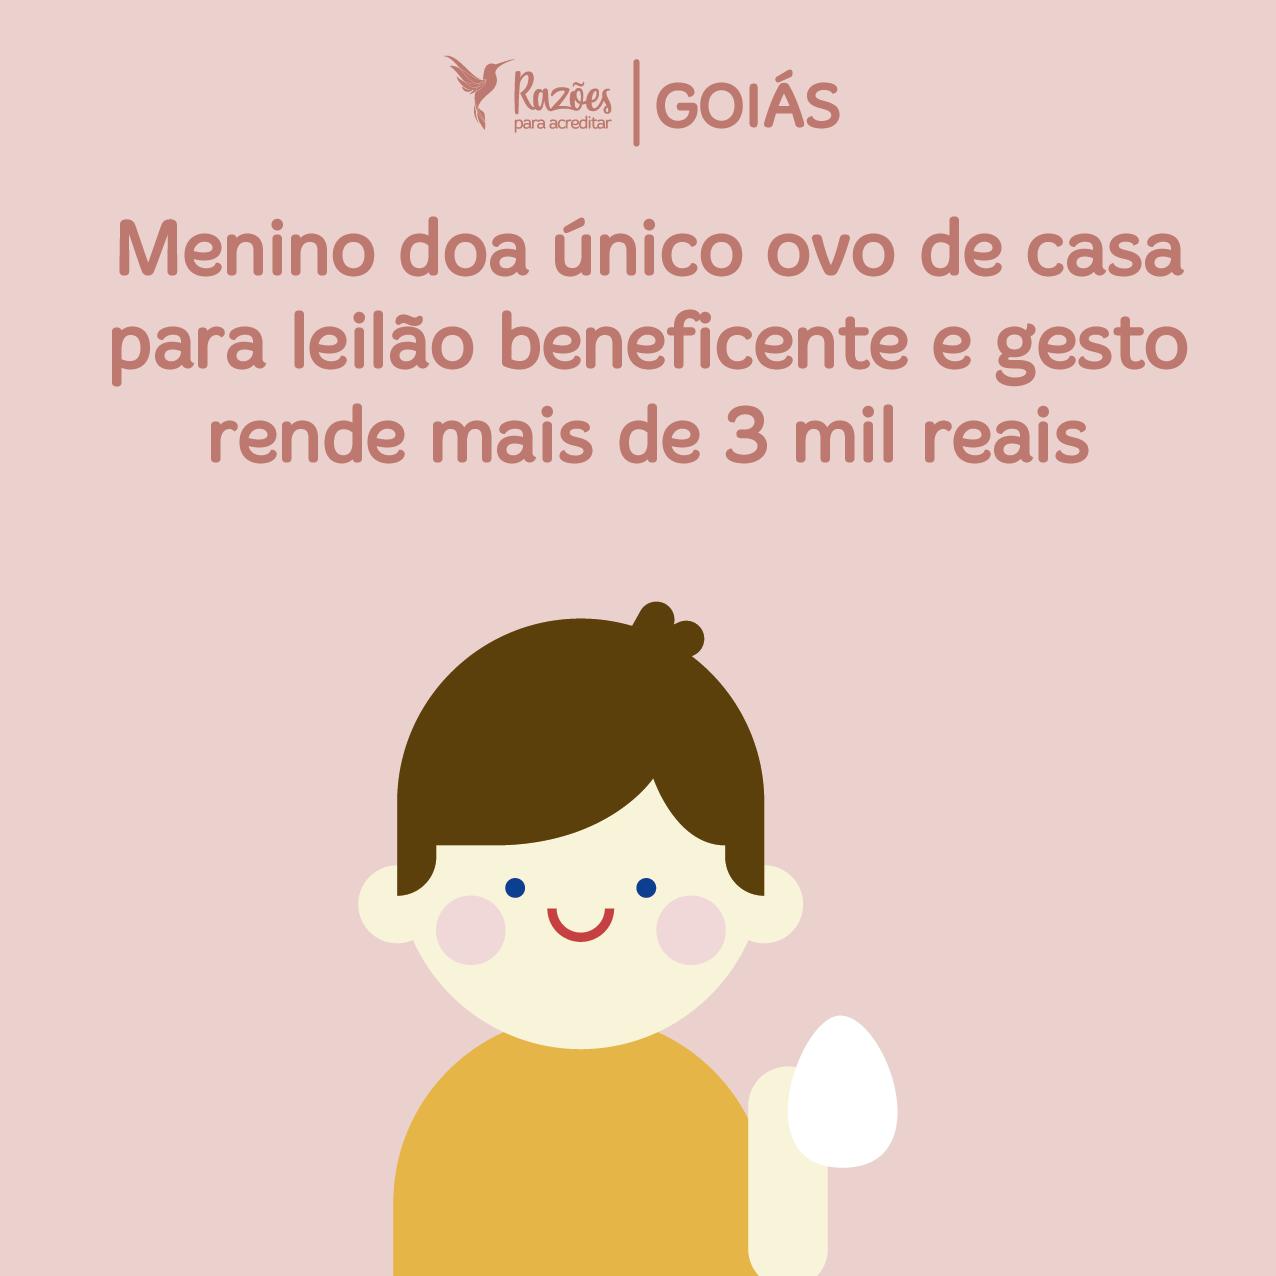 boas notícias ilustrações razões para acreditar Goiás